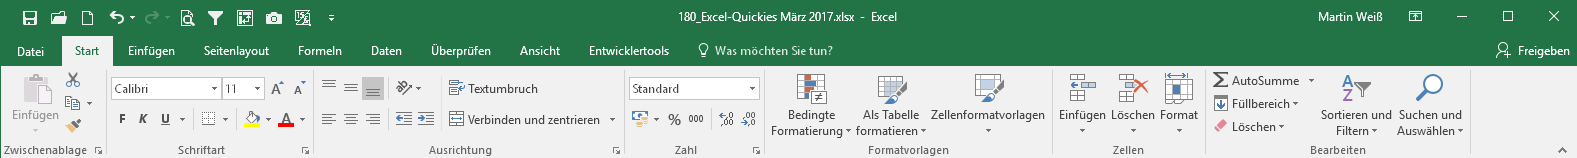 Excel 2016 mit grünem Register-Hintergrund